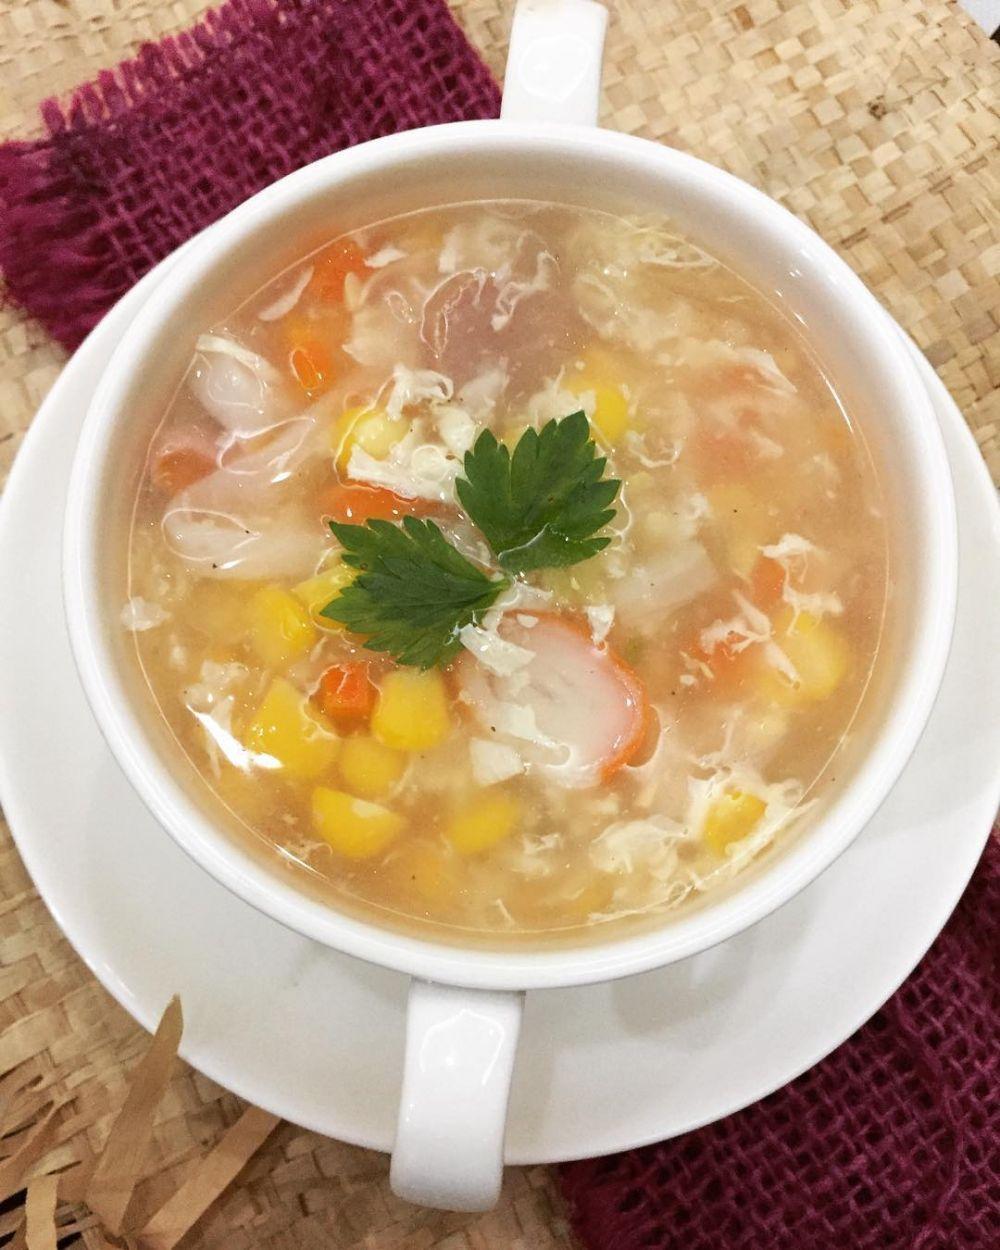 10 Cara Membuat Sup Jagung Enak Sederhana Dan Praktis Instagram A Dama Resep Makanan8 Di 2020 Sederhana Sup Resep